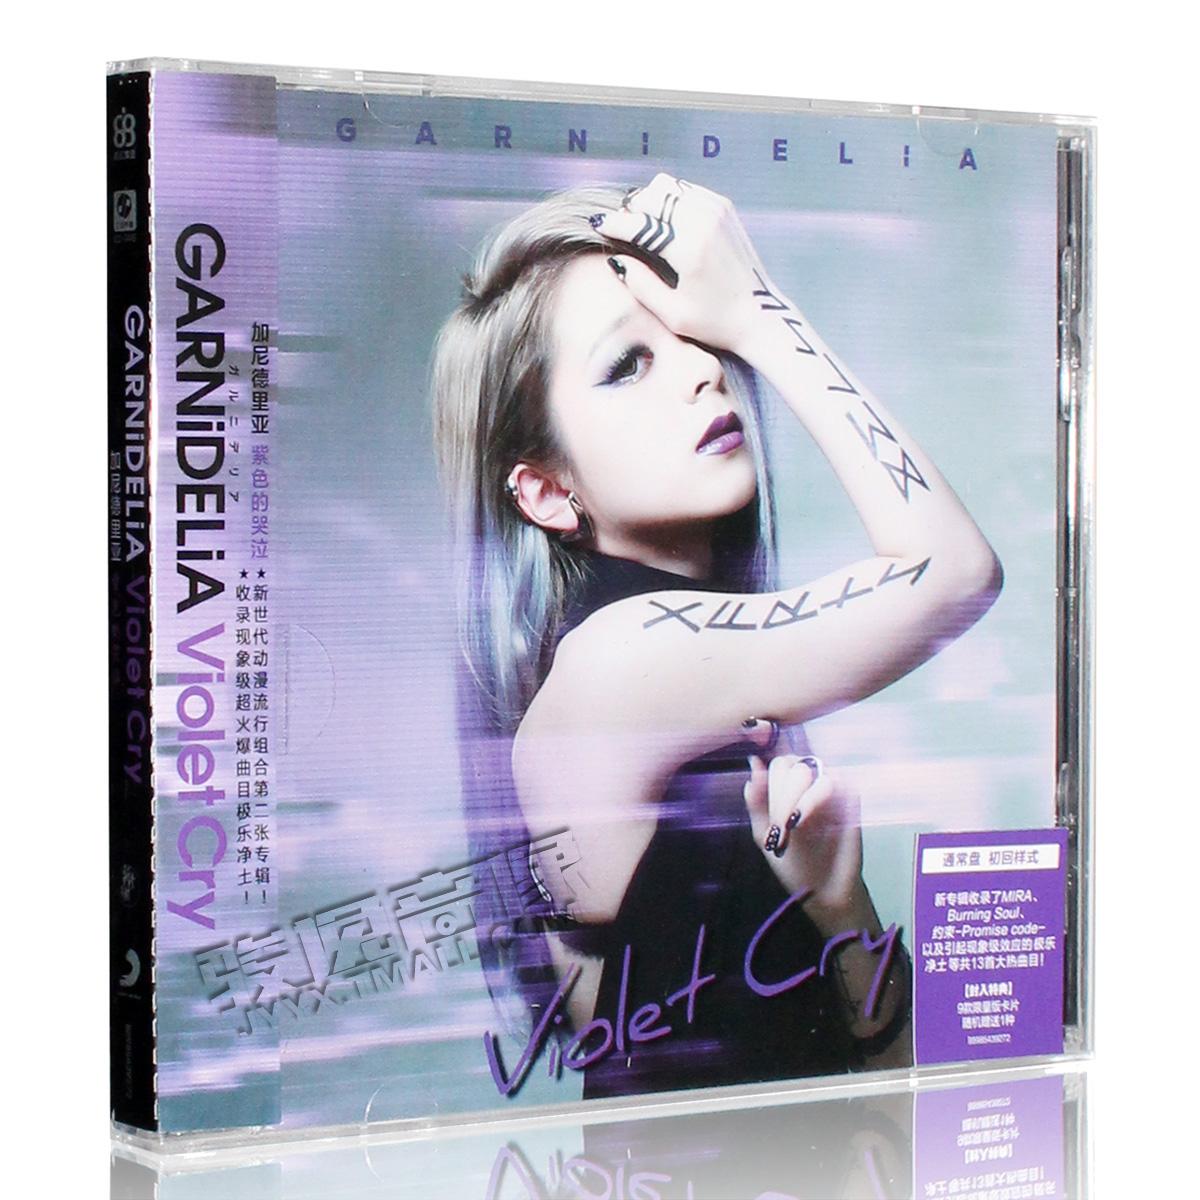 正版 加尼德里亚/G团 紫色的哭泣 GARNiDELiA Violet Cry CD+卡片